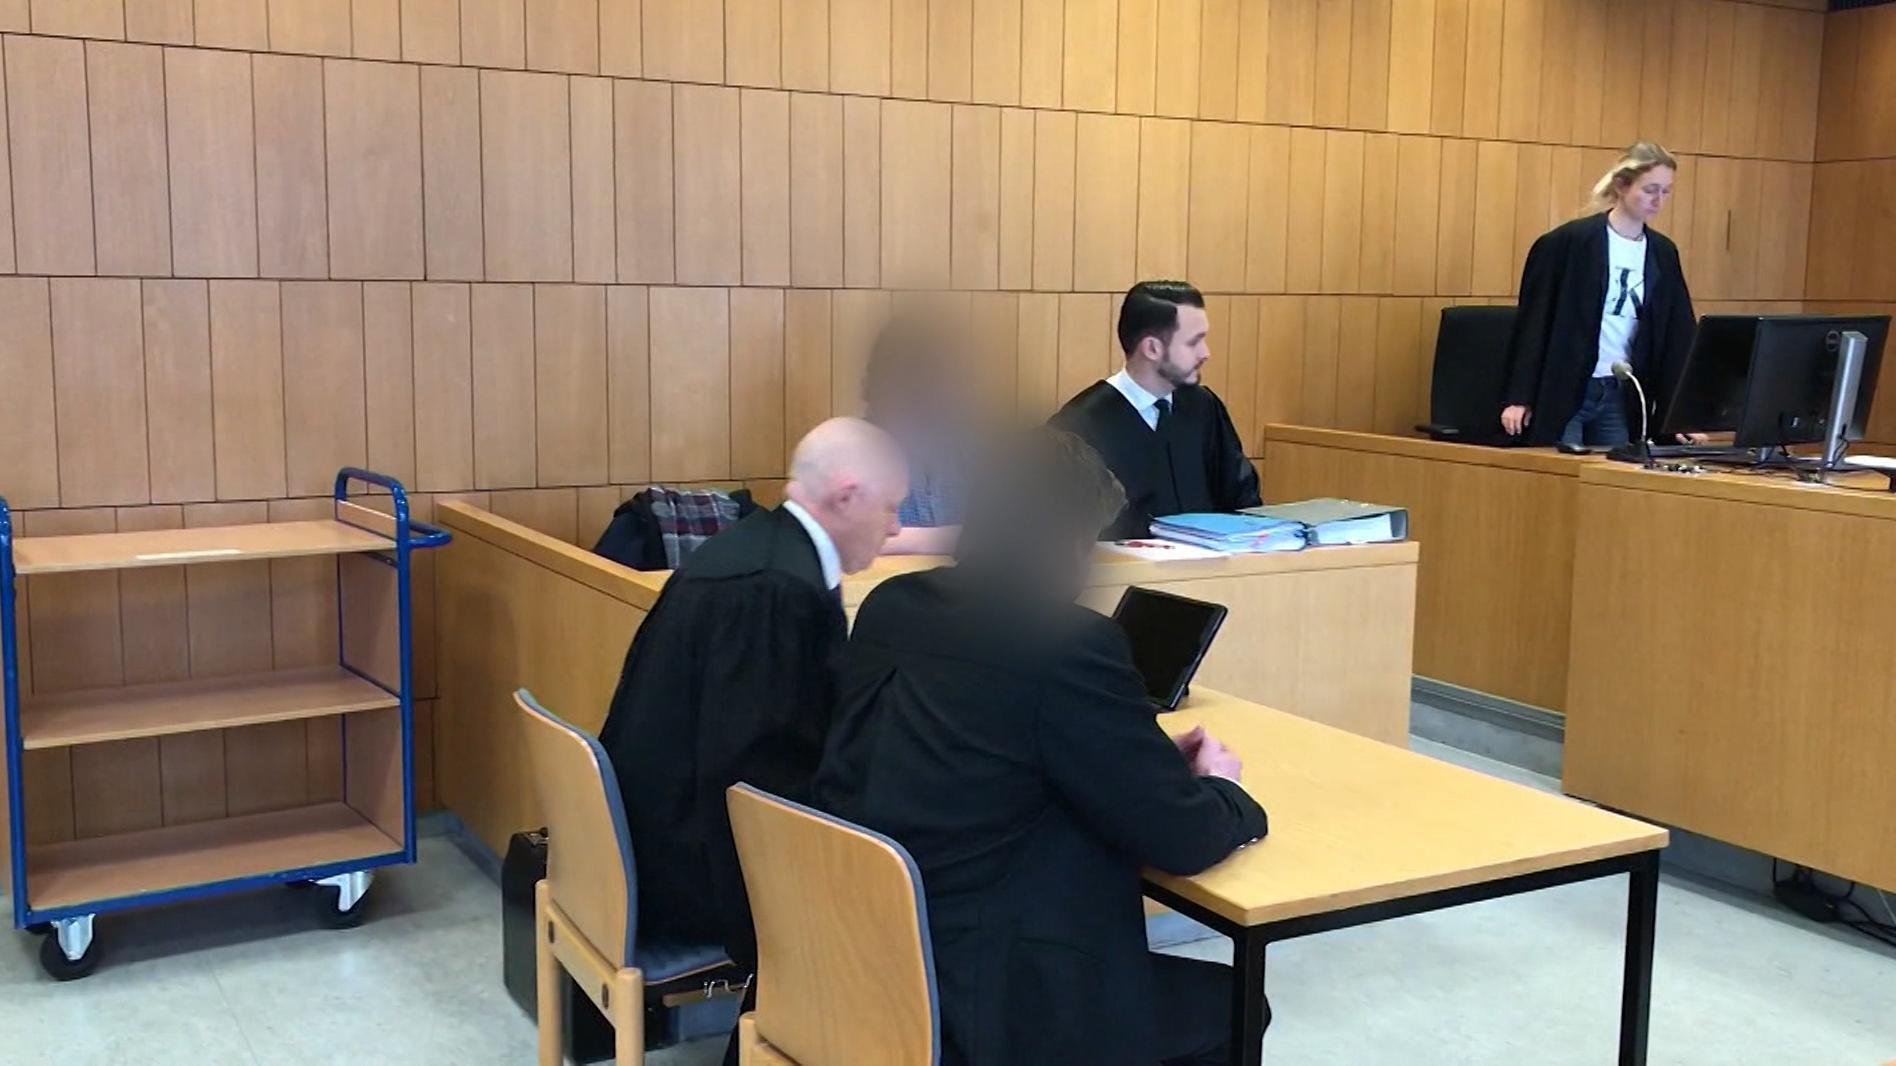 Zwei junge Männer müssen sich wegen zwei Brandanschlägen auf das Asylbewerberheim in Nussdorf am Inn verantworten.